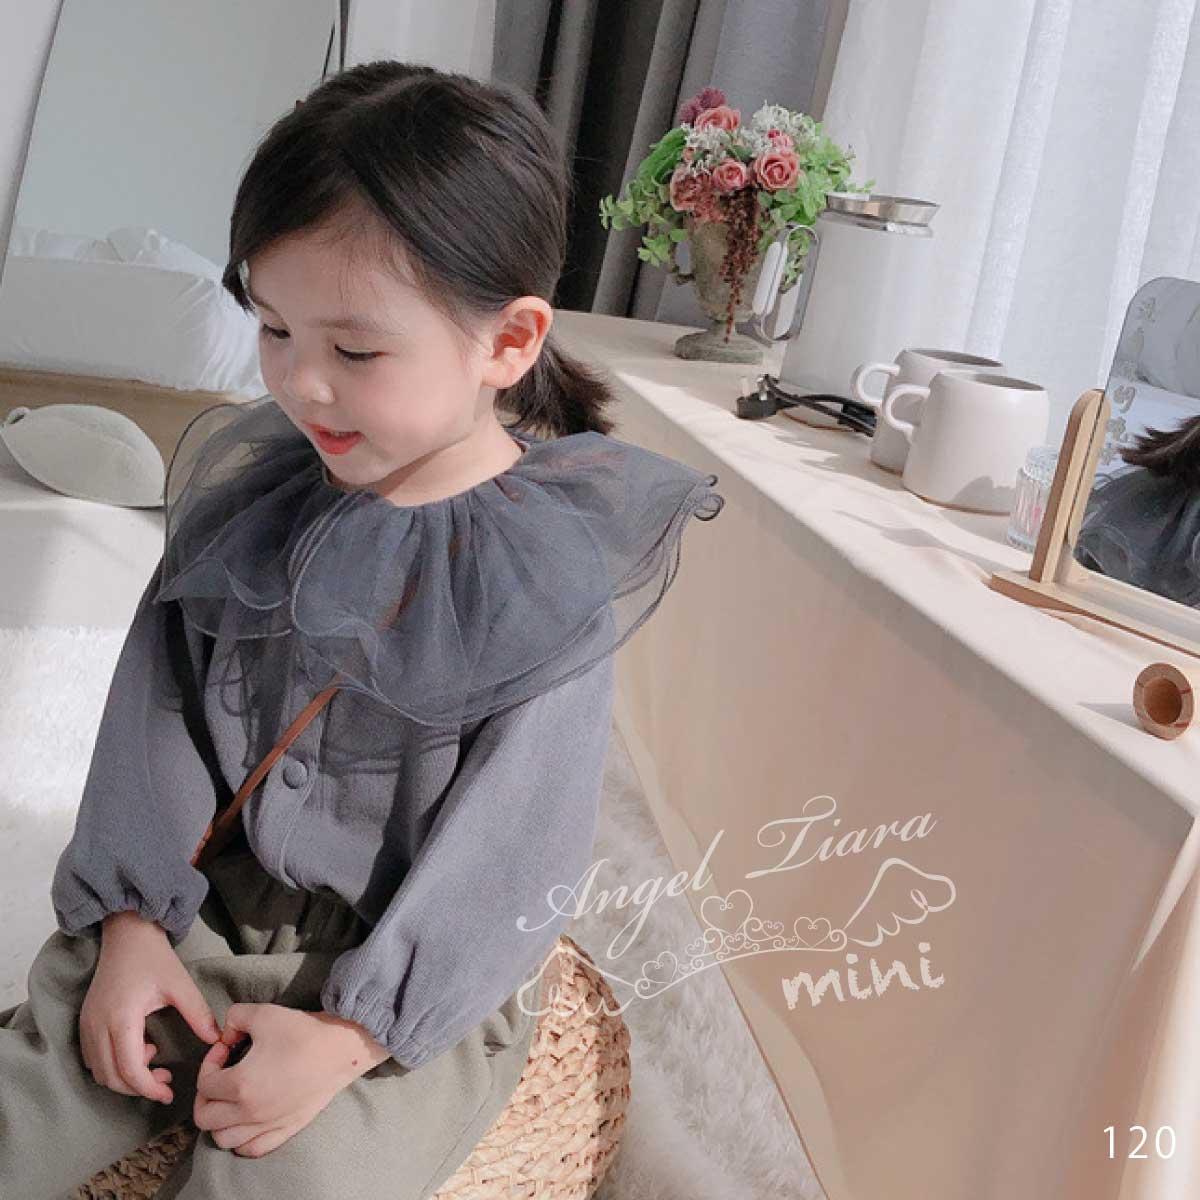 子供服 キッズ 女の子 カーディガン 長袖 羽織 ベージュ ピンク グレー 春 秋 冬 KG120